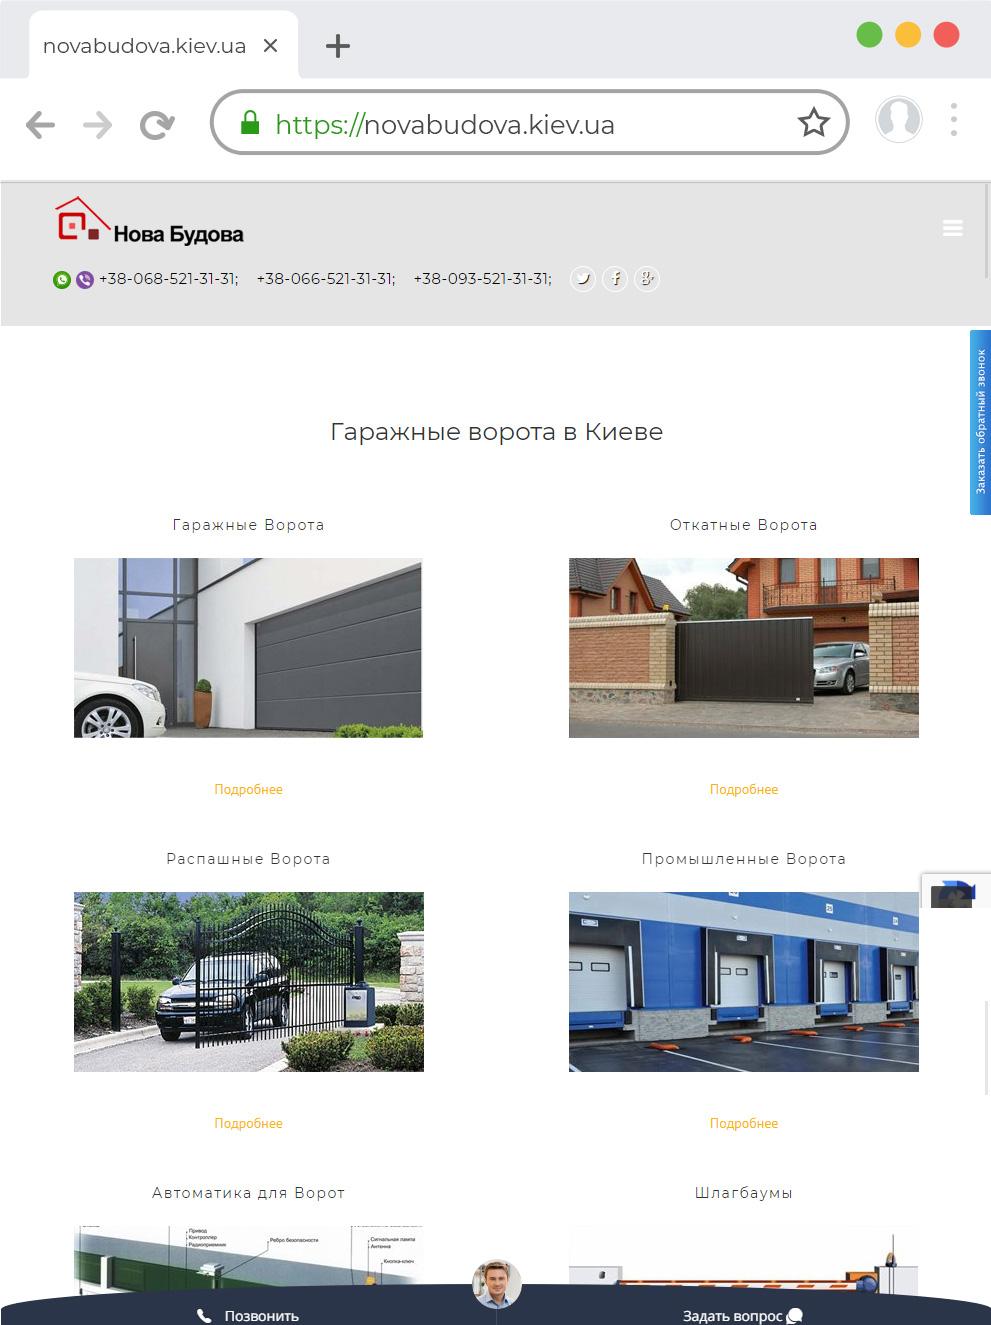 Разработка корпоративного сайта на Wordpress для компании по продаже и установке гаражных ворот